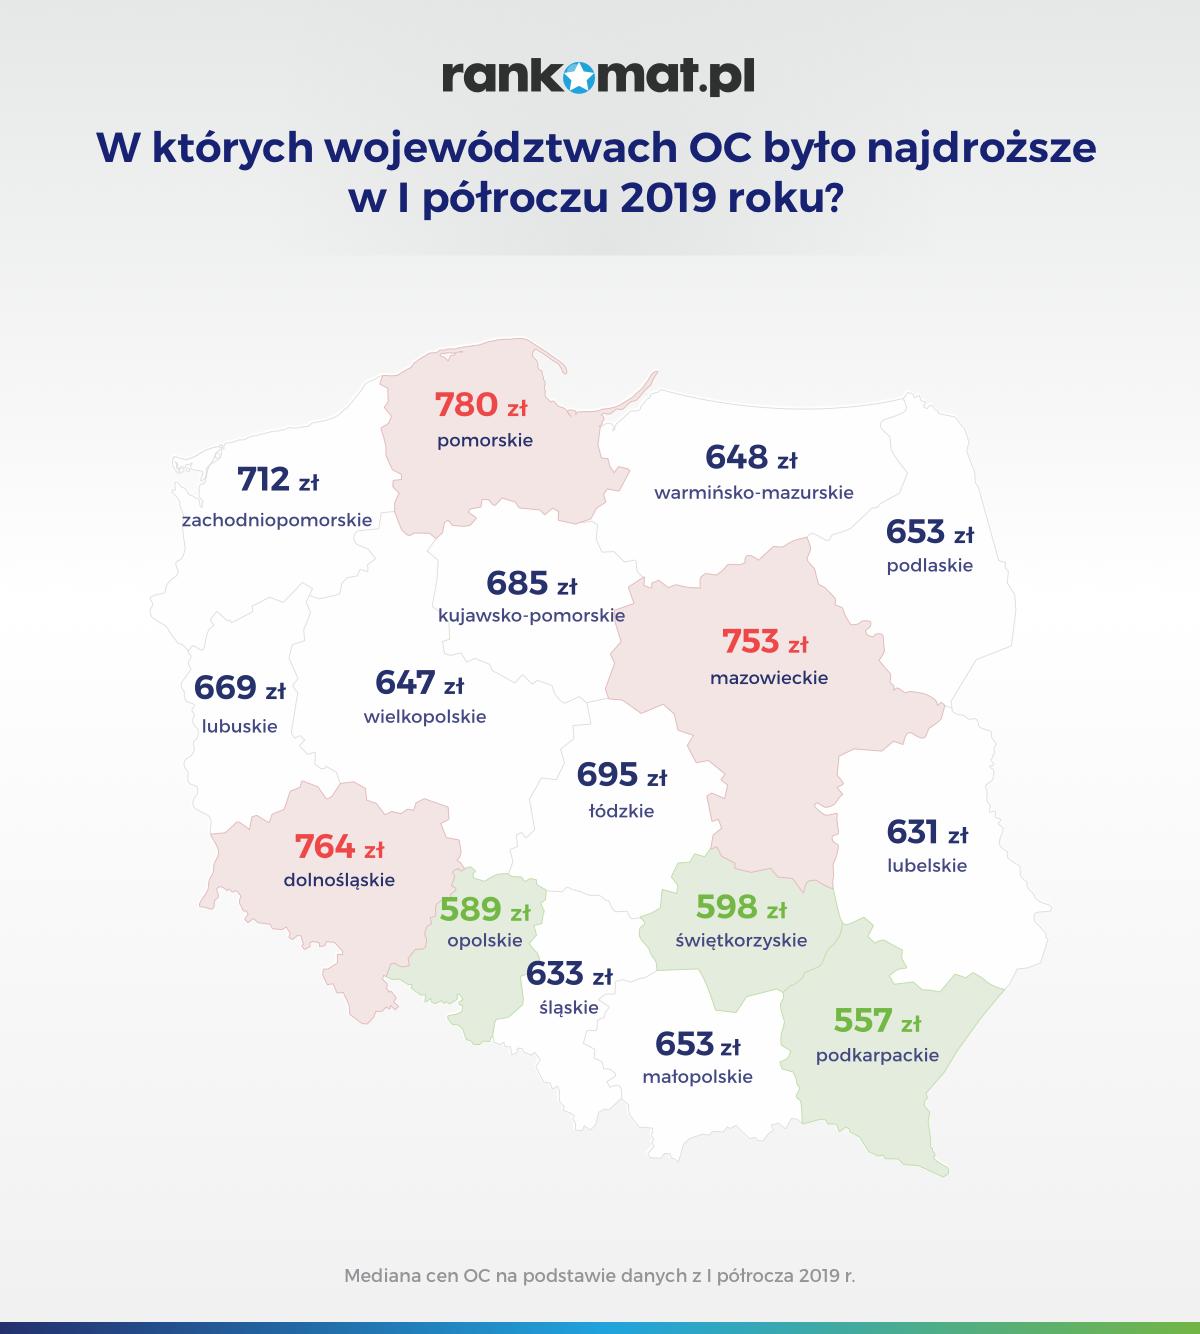 W których województwach OC było najdroższe w I półroczu 2019 roku_